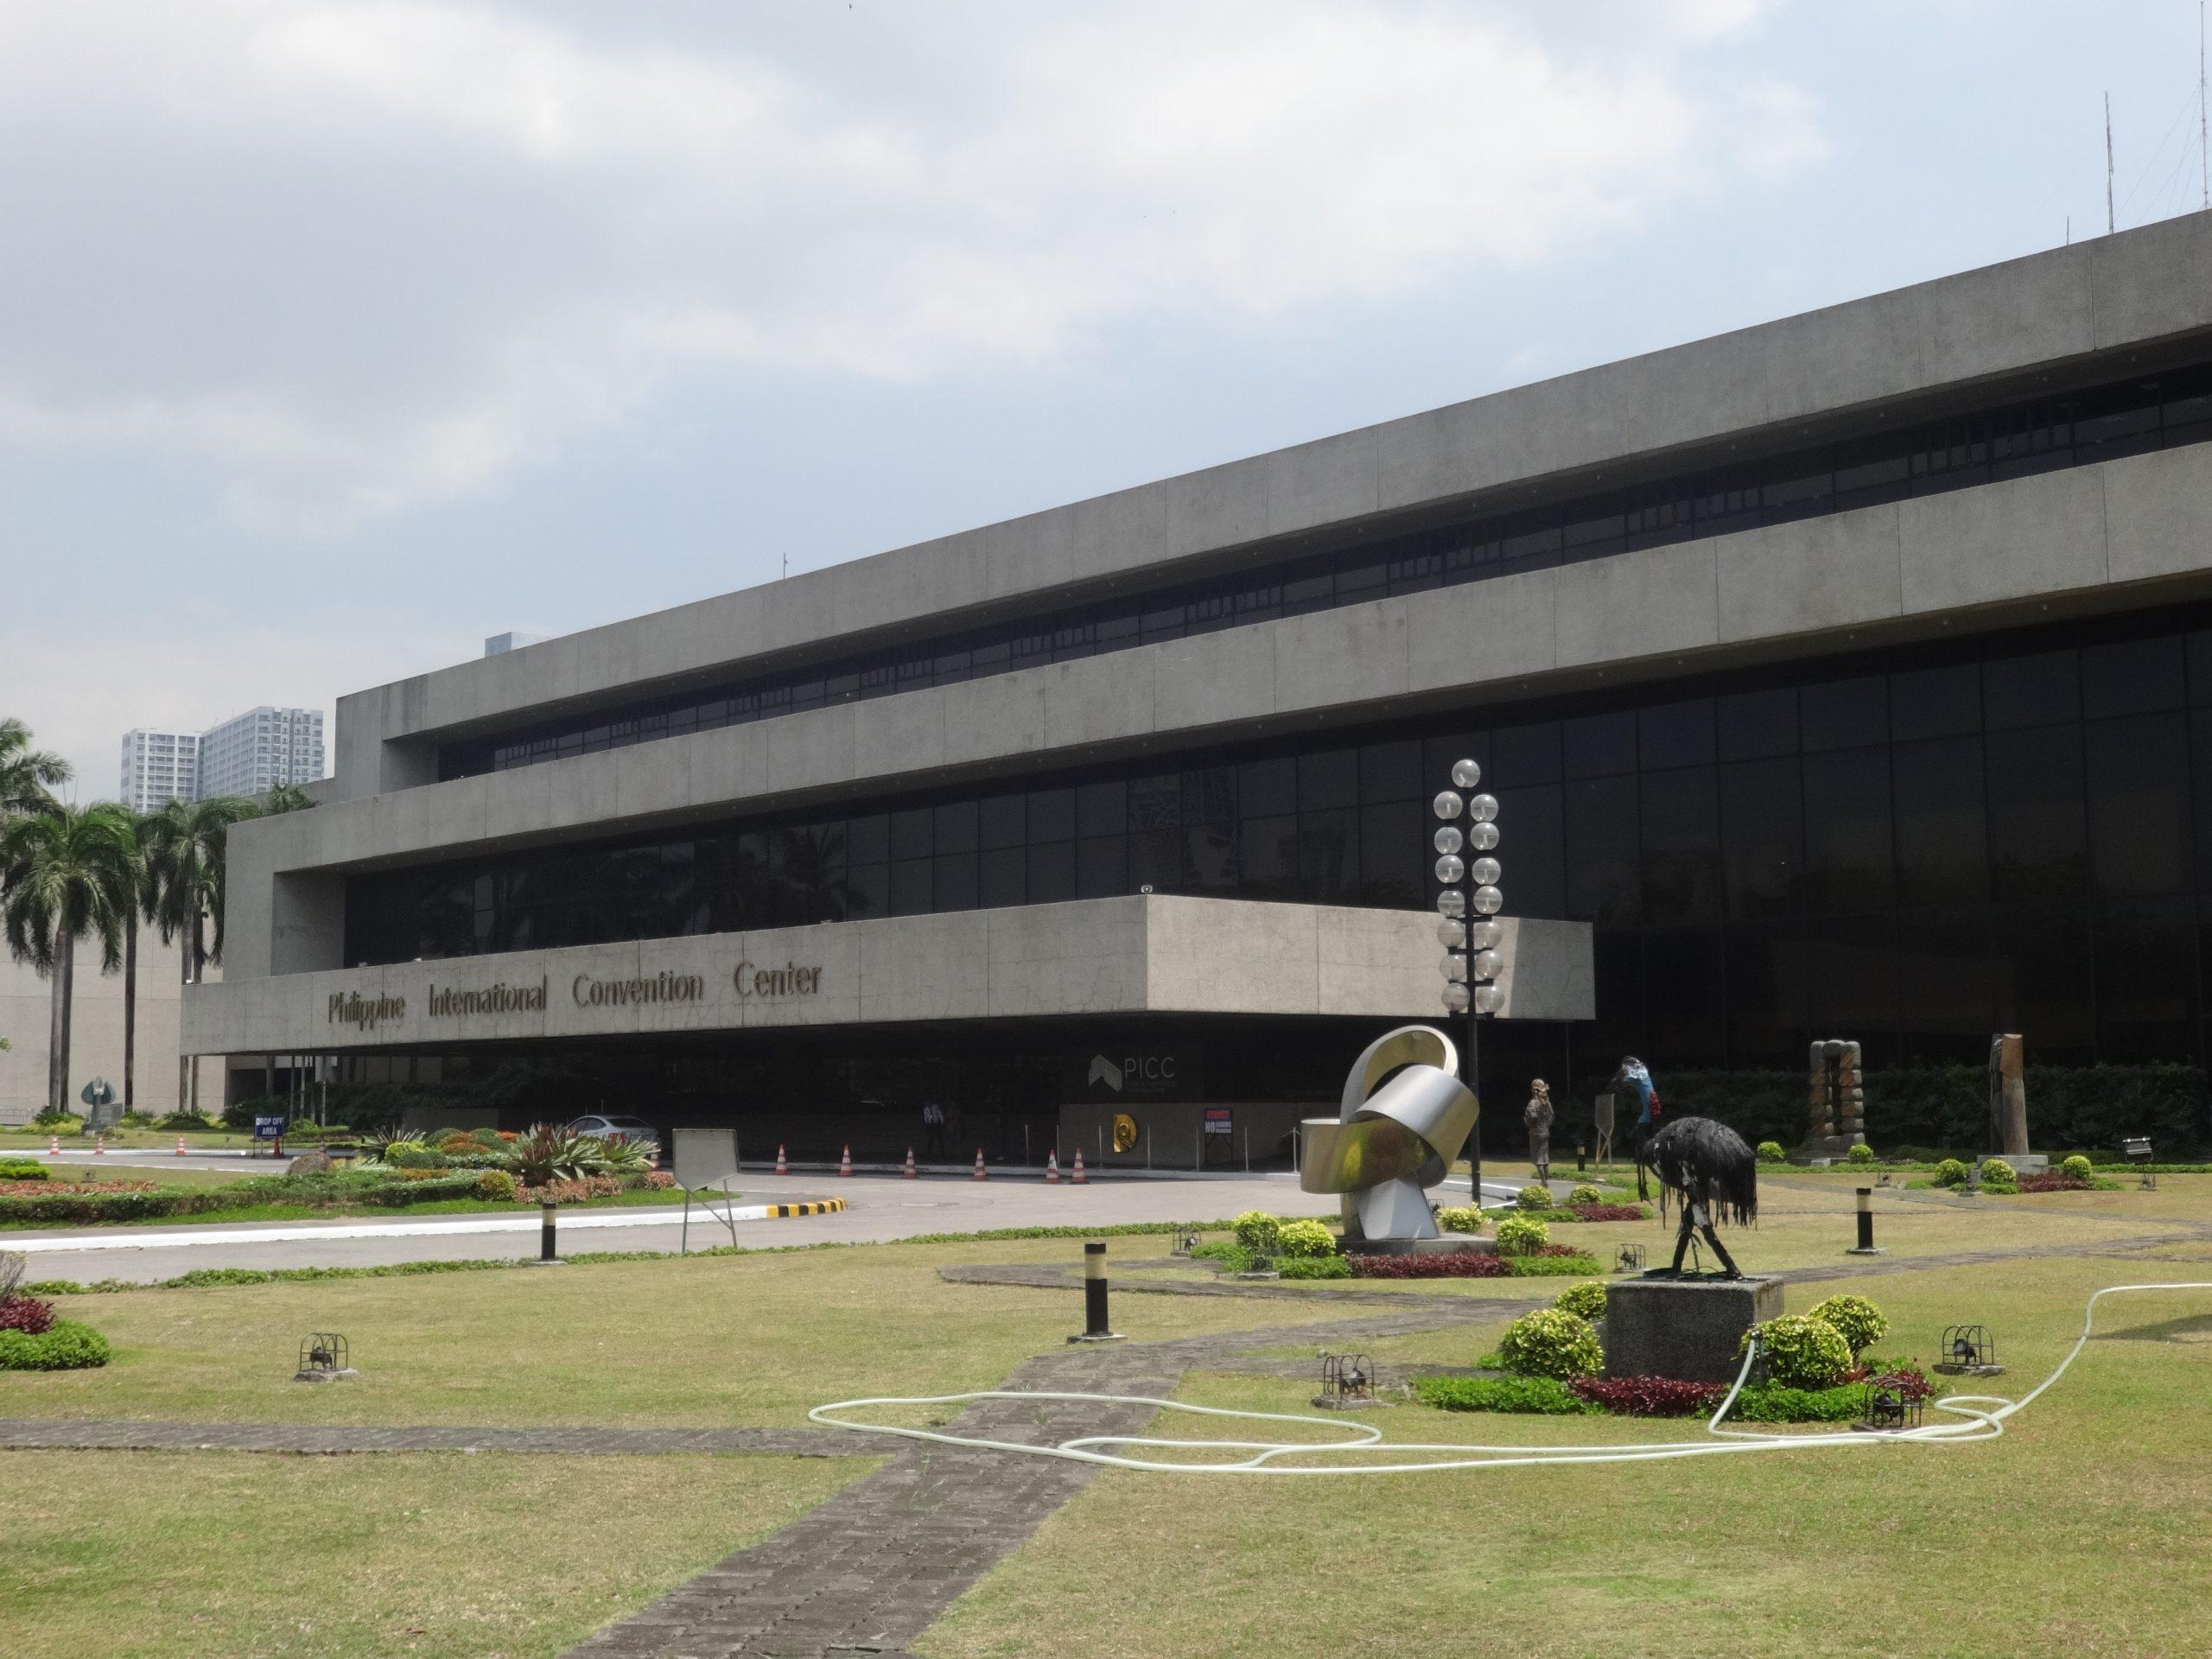 מתחם מרכז התרבות של הפיליפינים